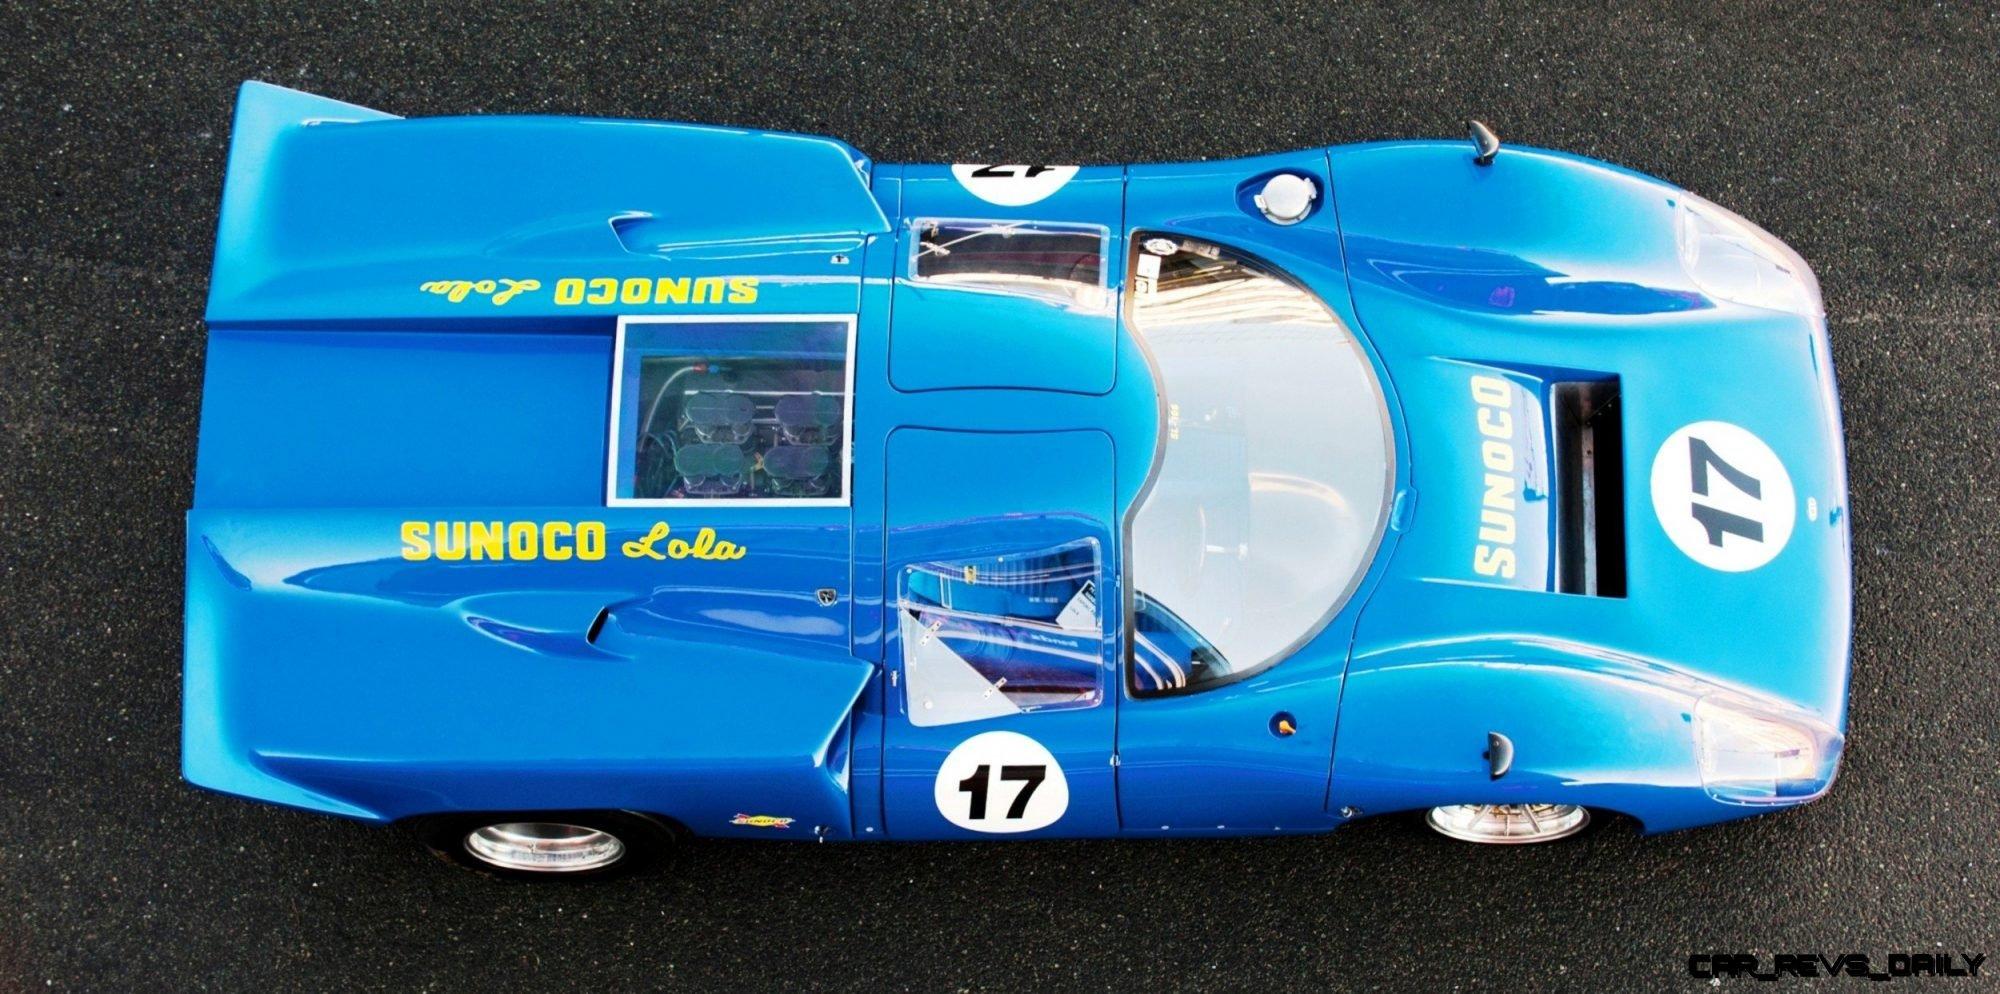 RM Auctions - Paris 2014 Previews - 1969 Lola T70 Mk IIIb by Sbarro20